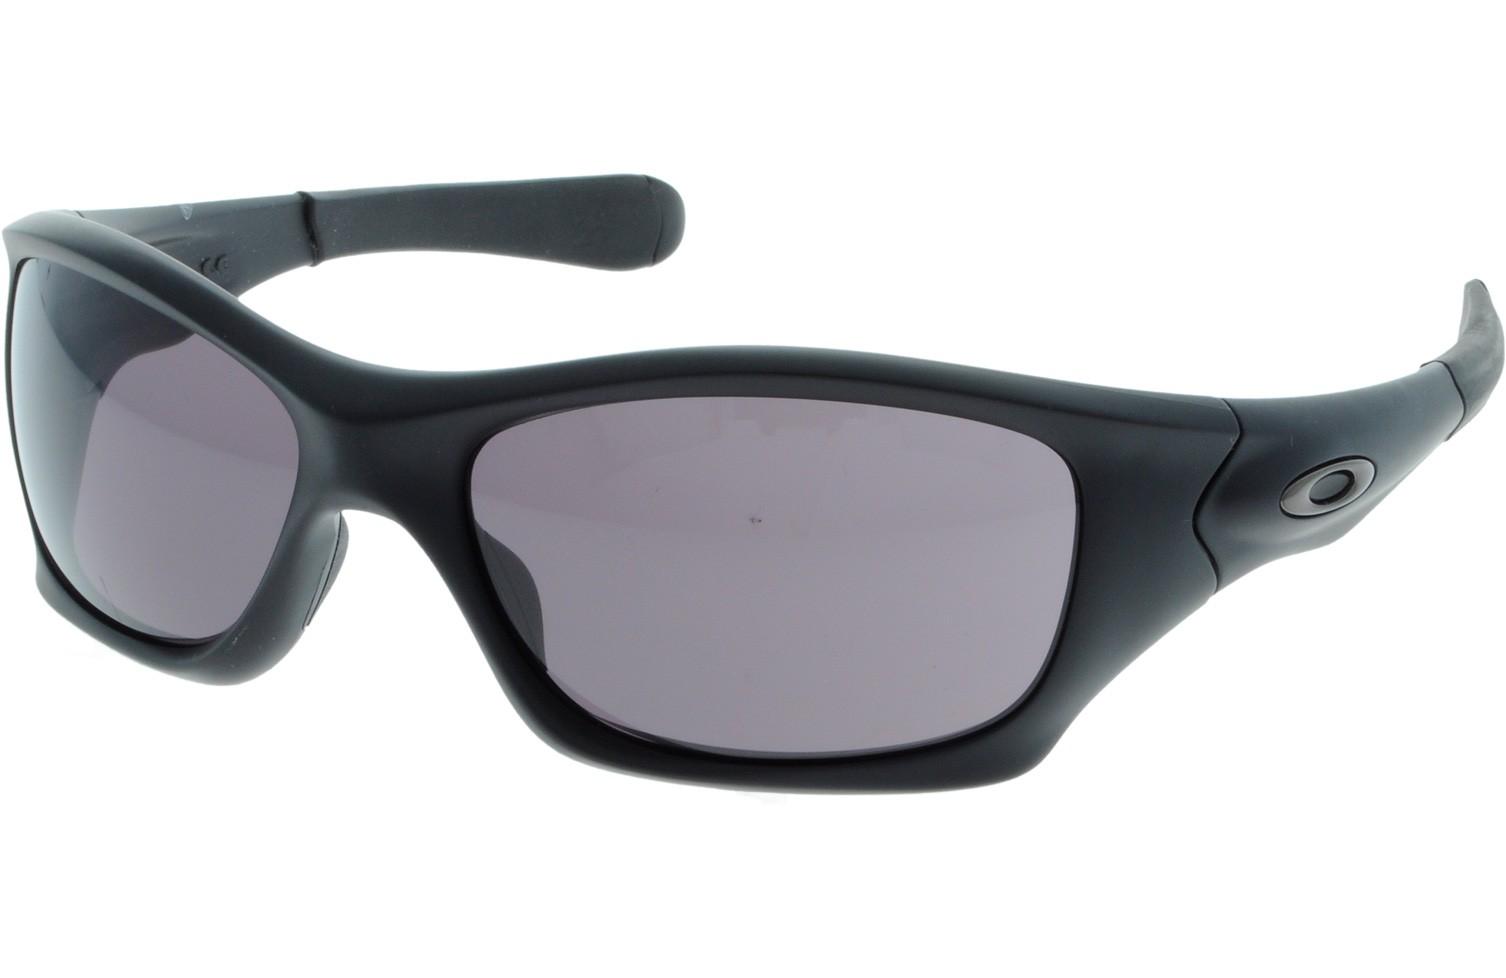 occhiali oakley a poco prezzo